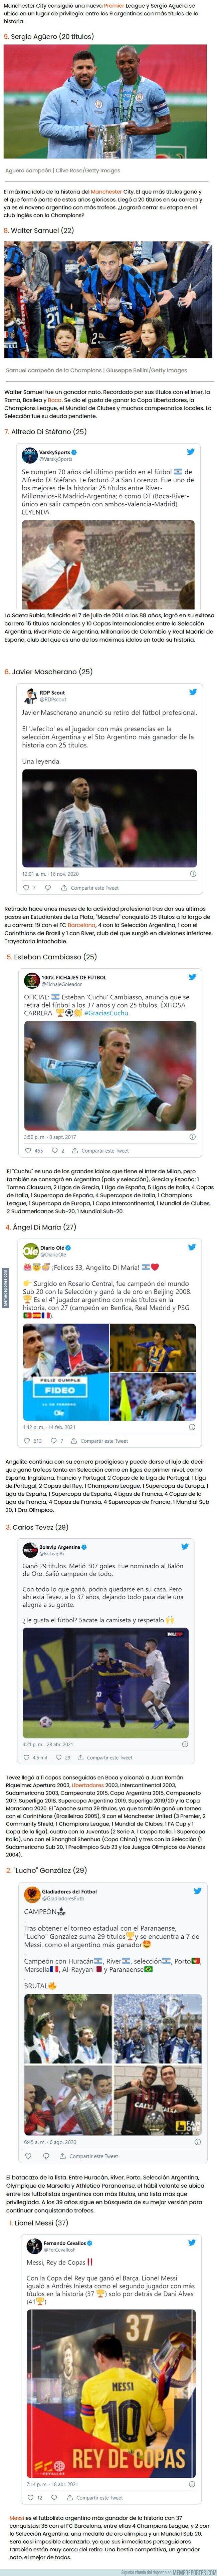 1134993 - Los futbolistas argentinos con más títulos en la historia: Agüero sigue sumando